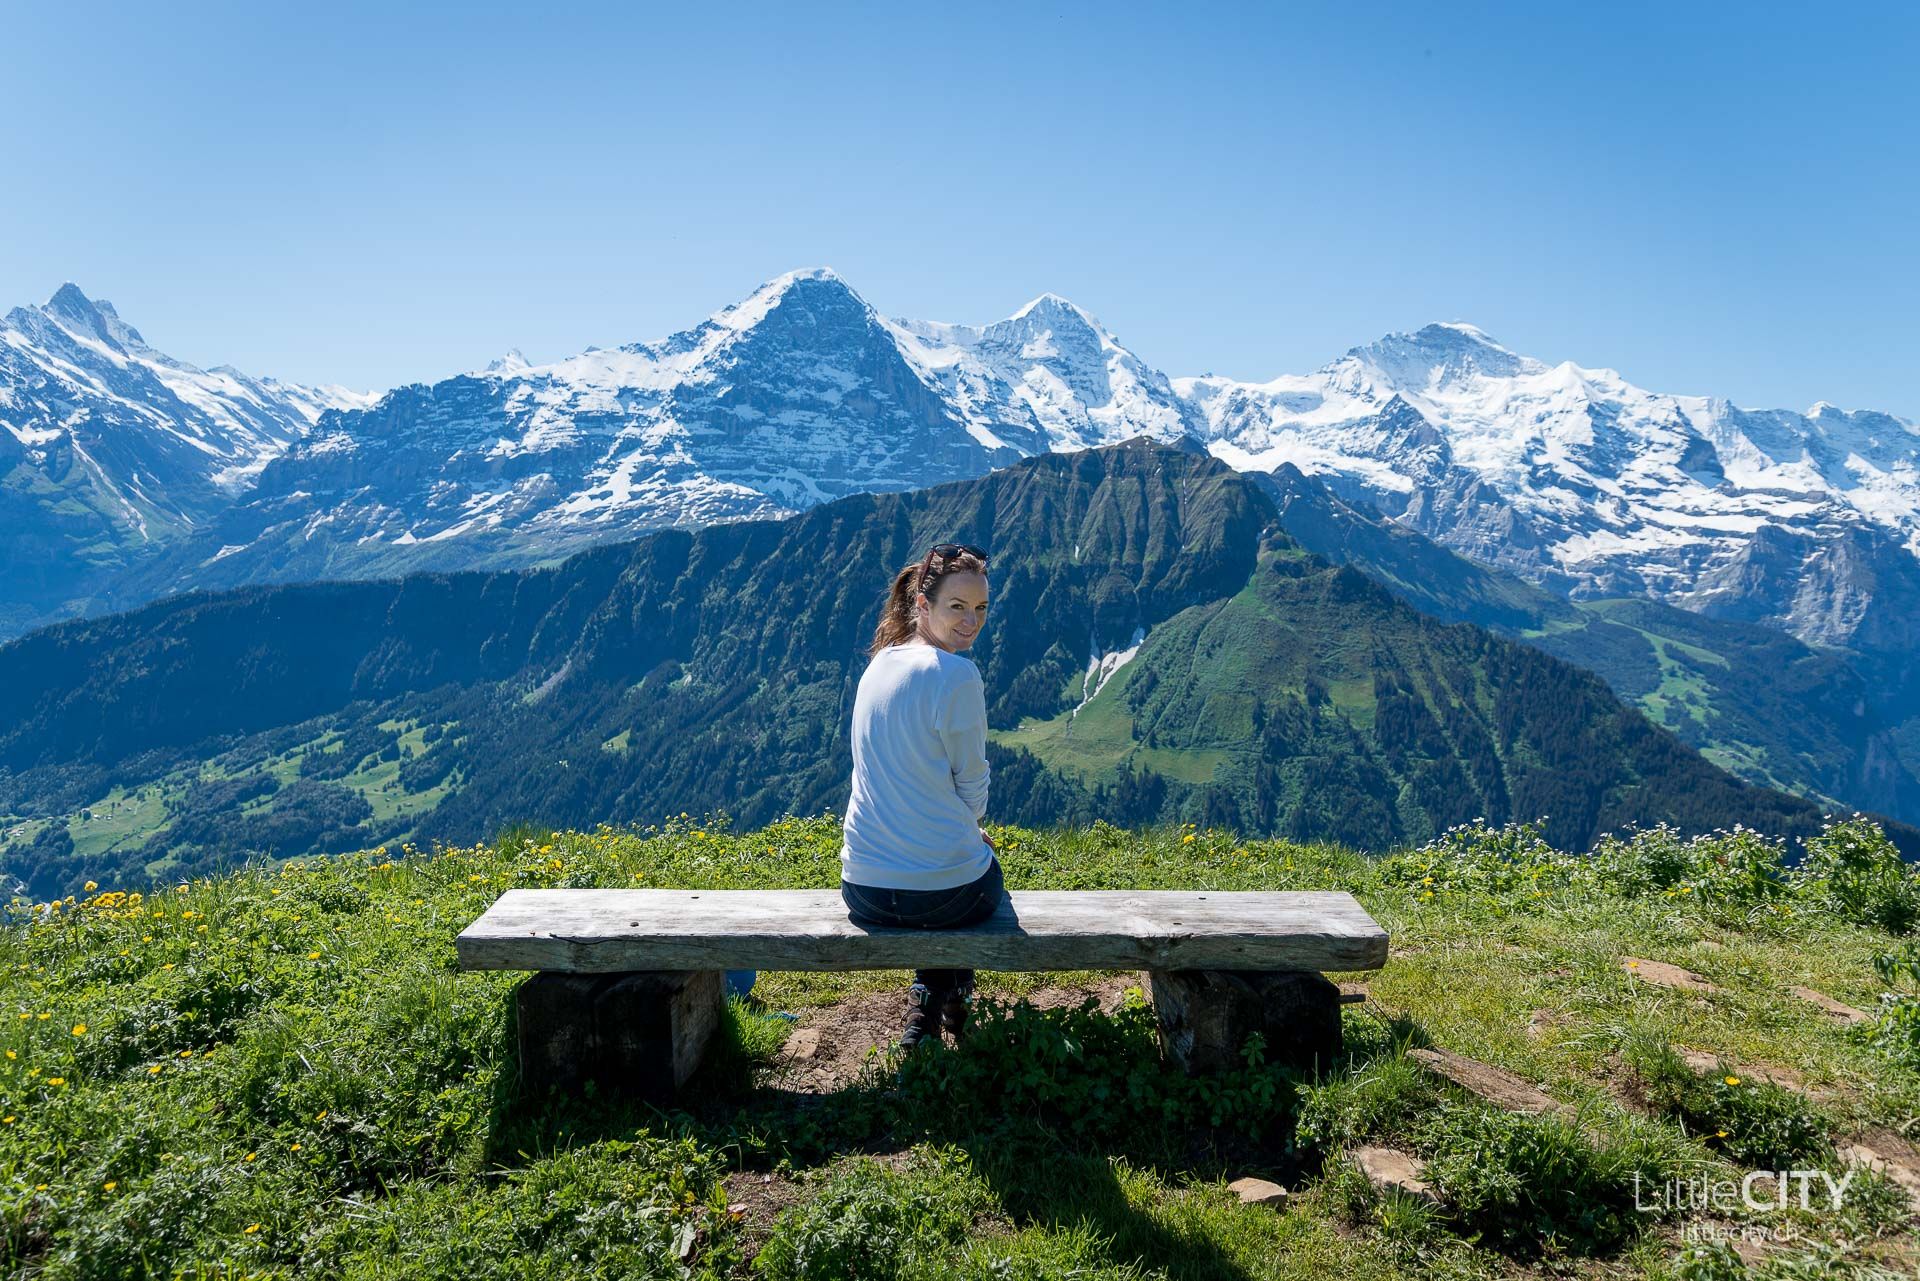 Schynige Platte Wanderung Jungfrau Bahnen LittleCITY-7